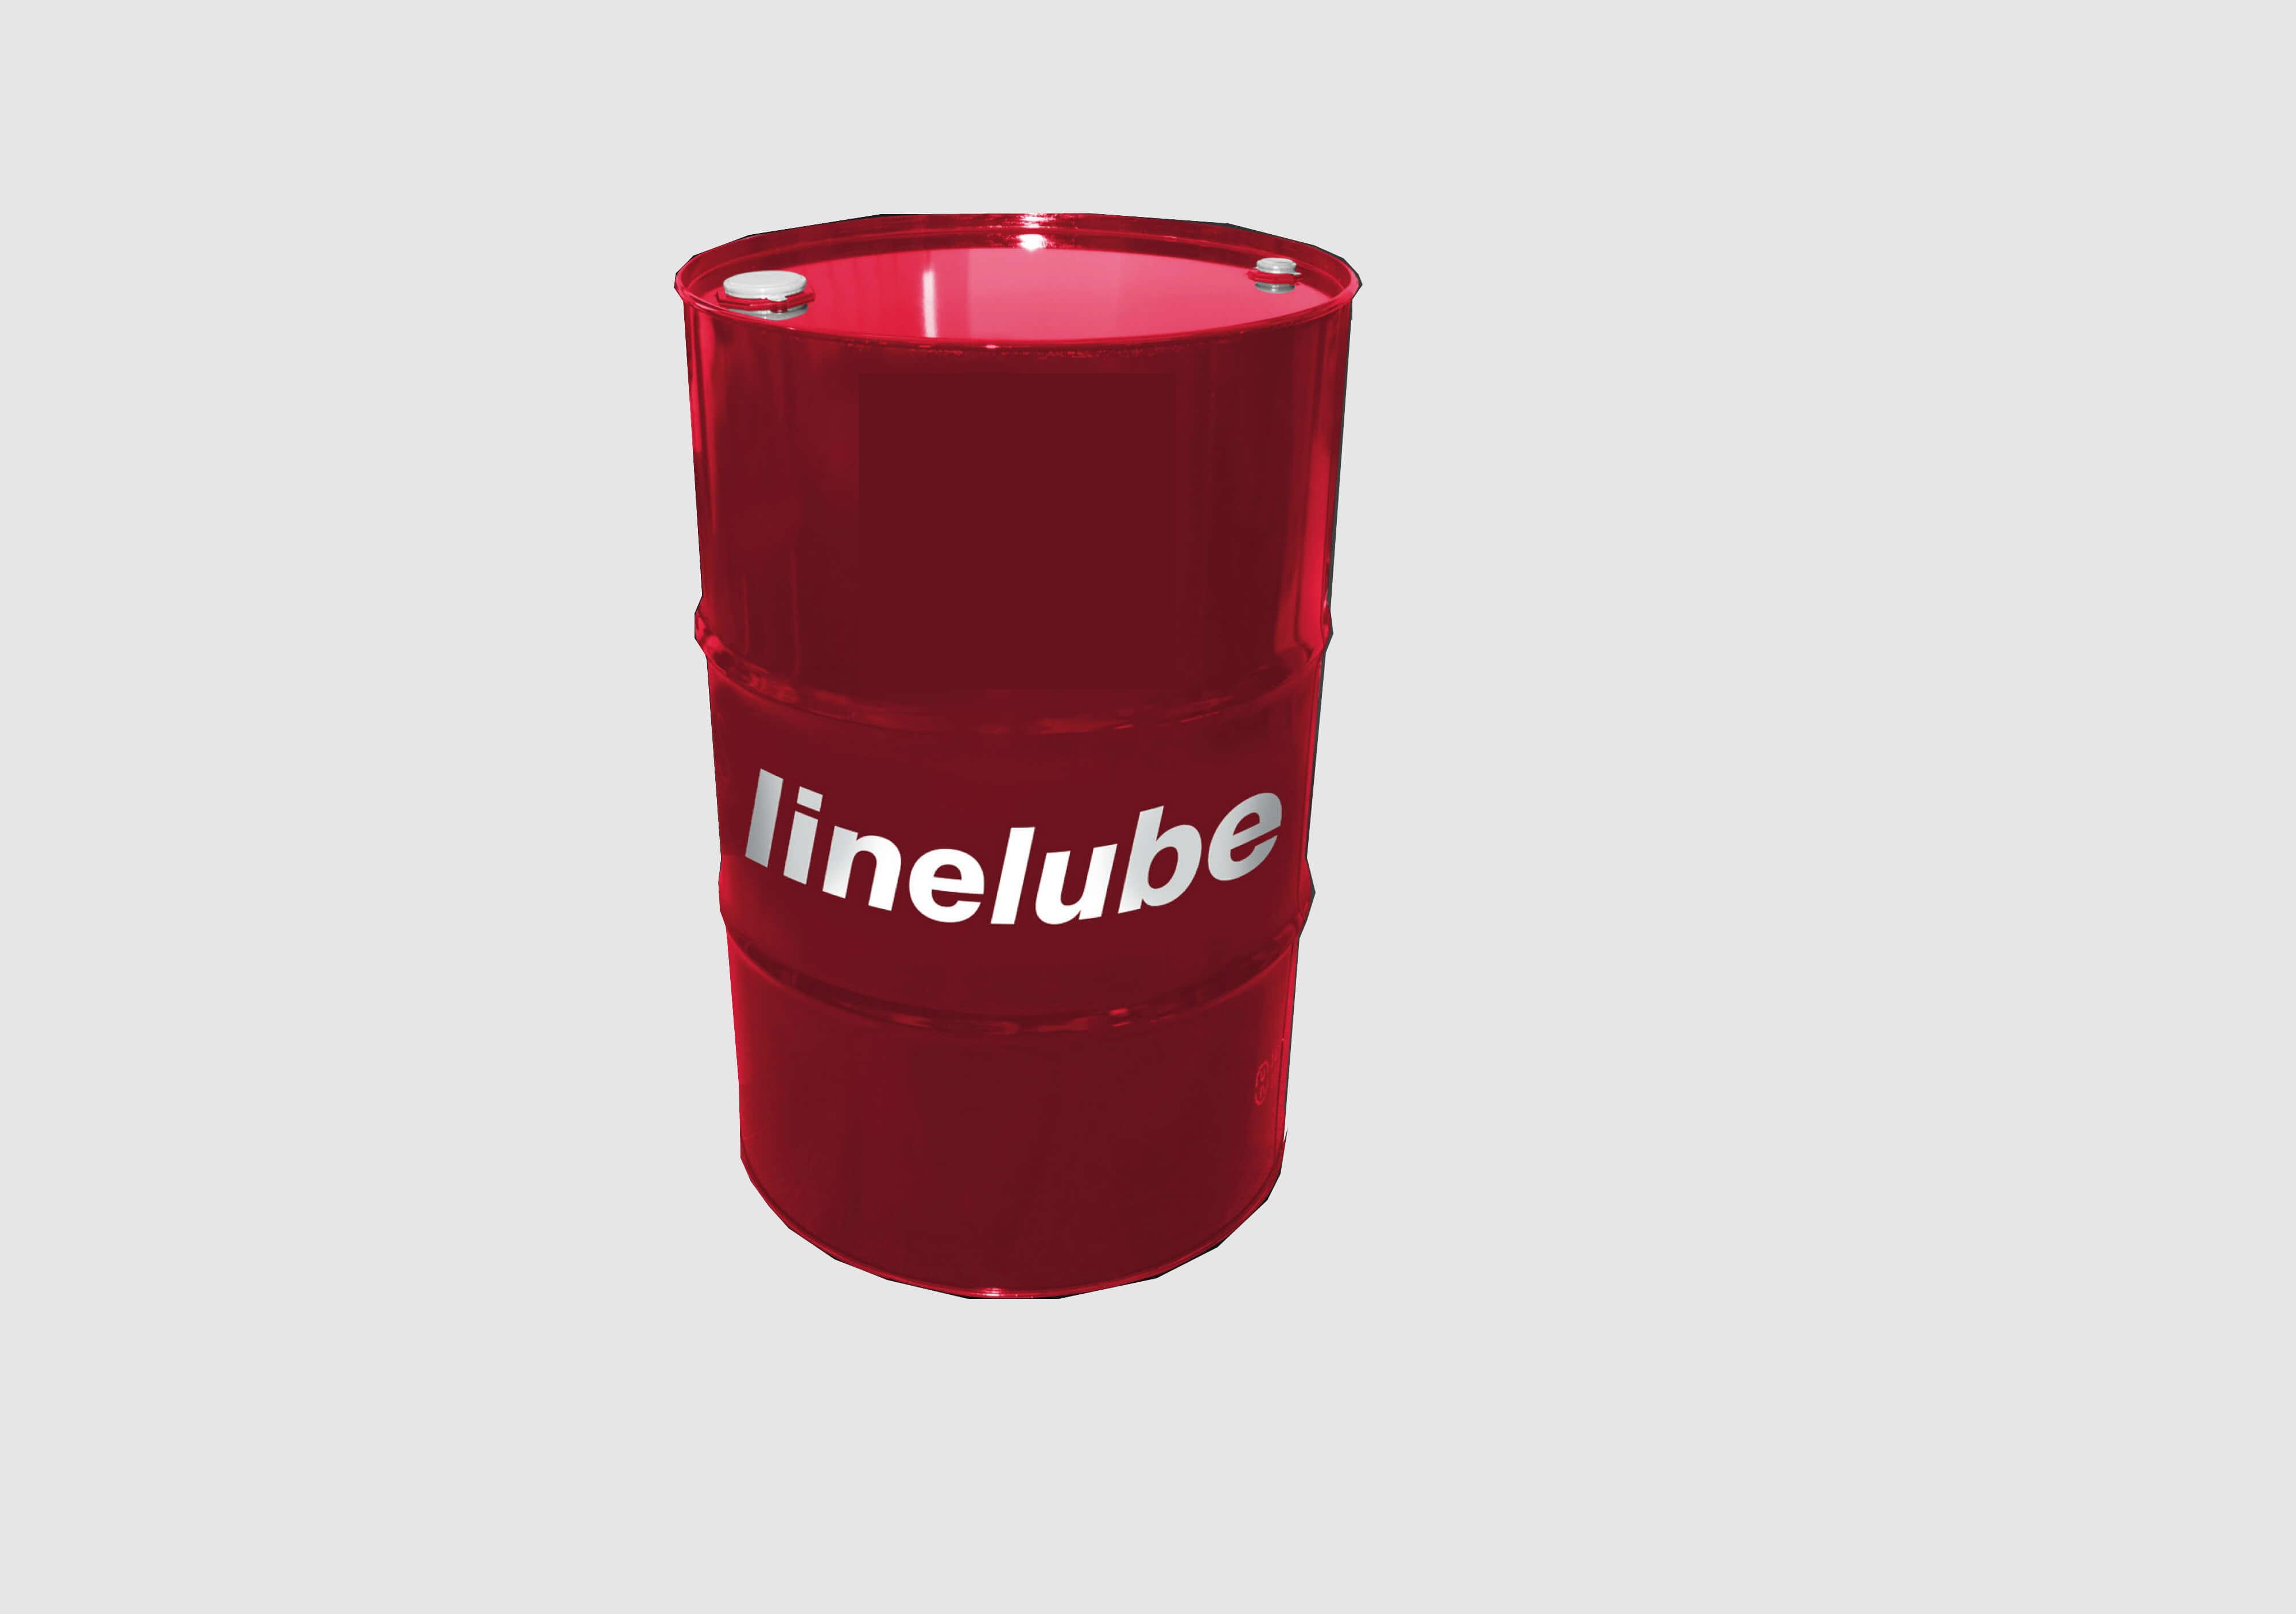 Linelube Gear Oil 85w140 GL5